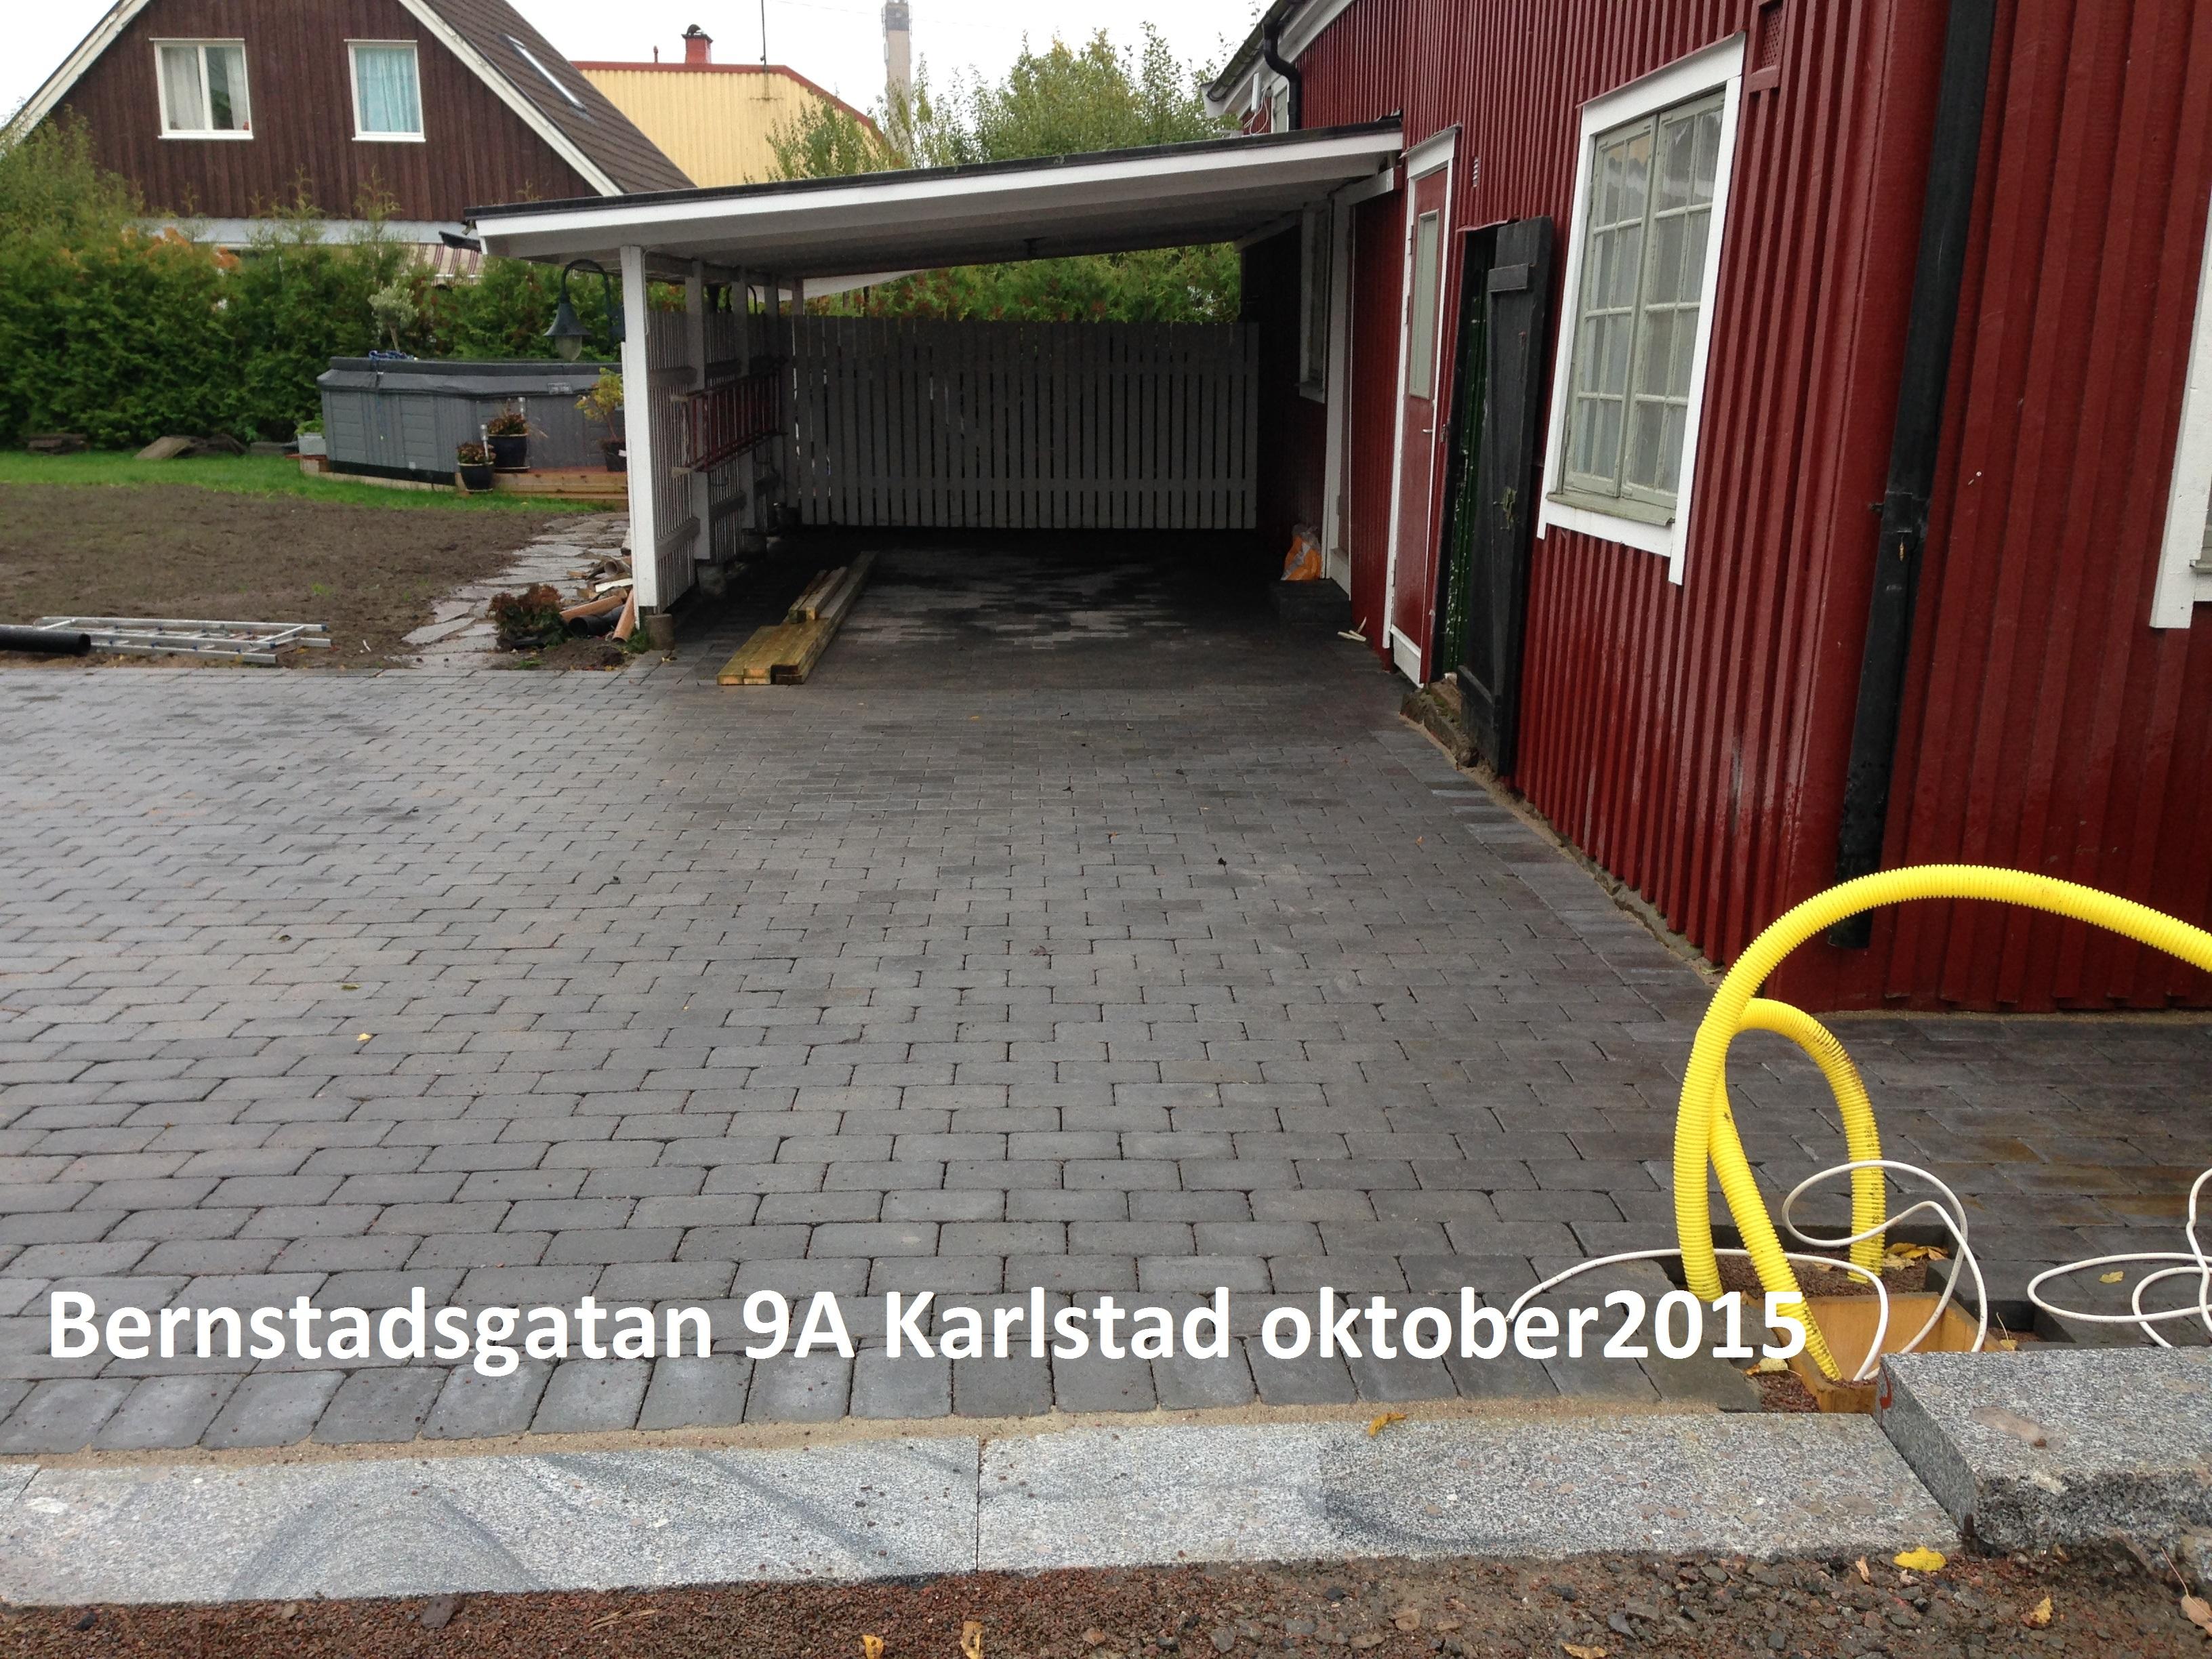 Bernstadsgatan 9A karlstad oktober2015 (16)